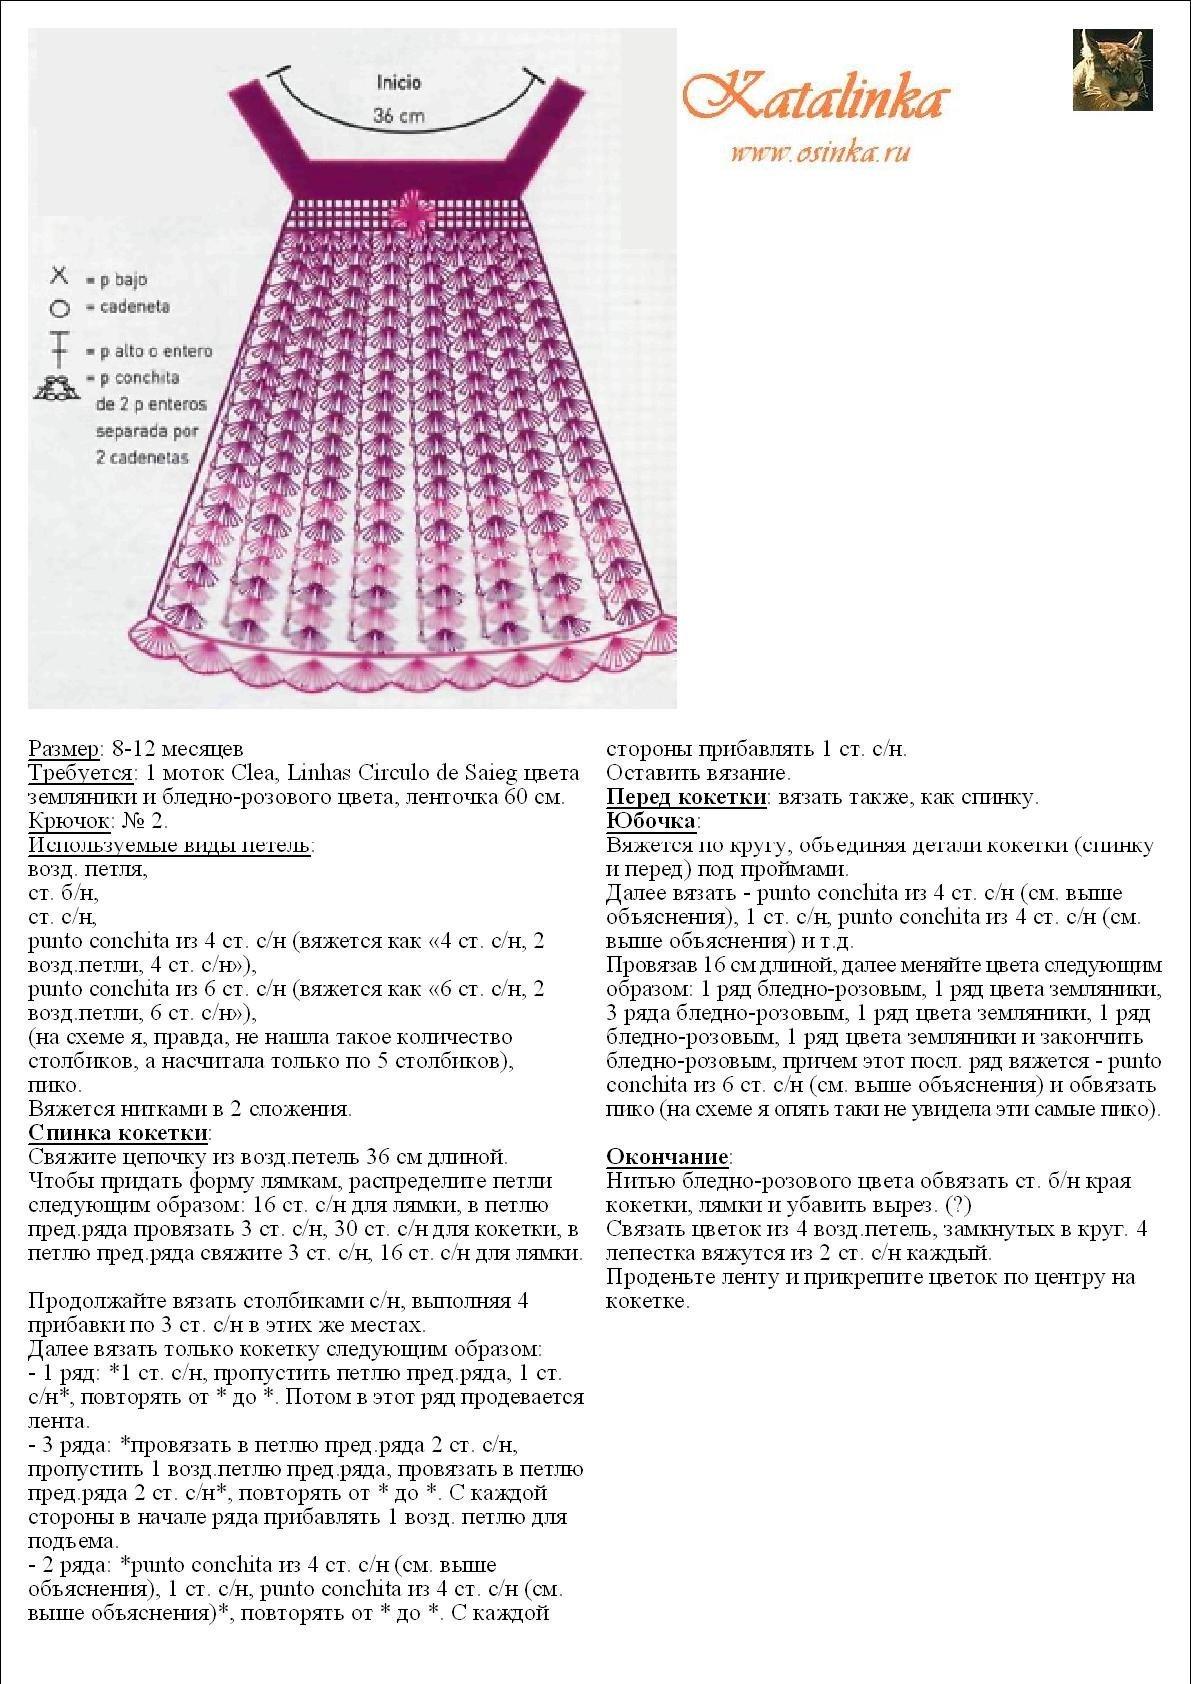 Сарафаны туники крючком схемы и описание